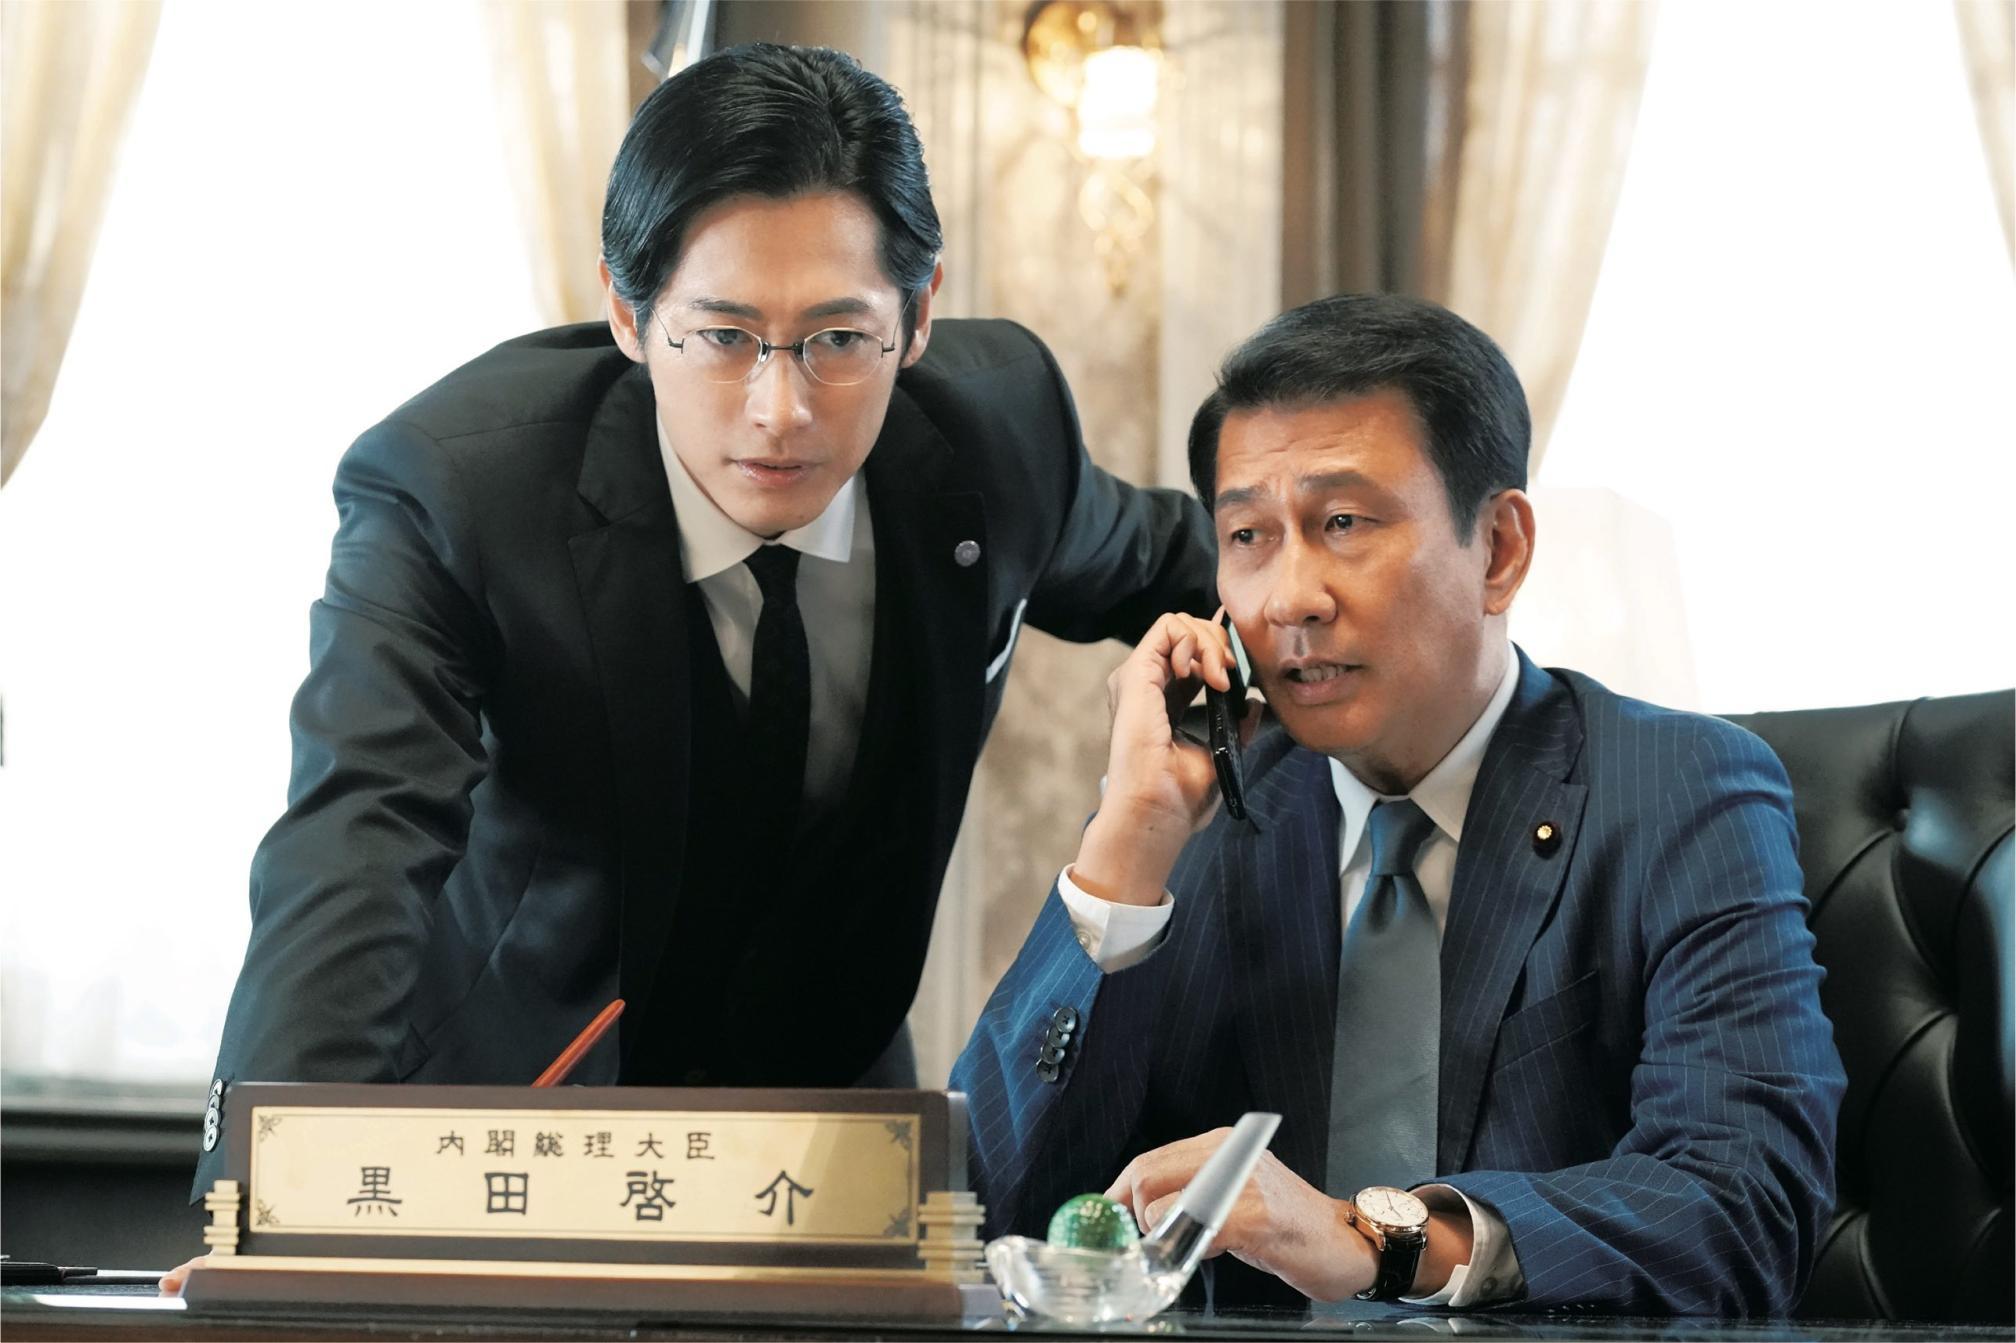 失憶的總理大臣預告片 01